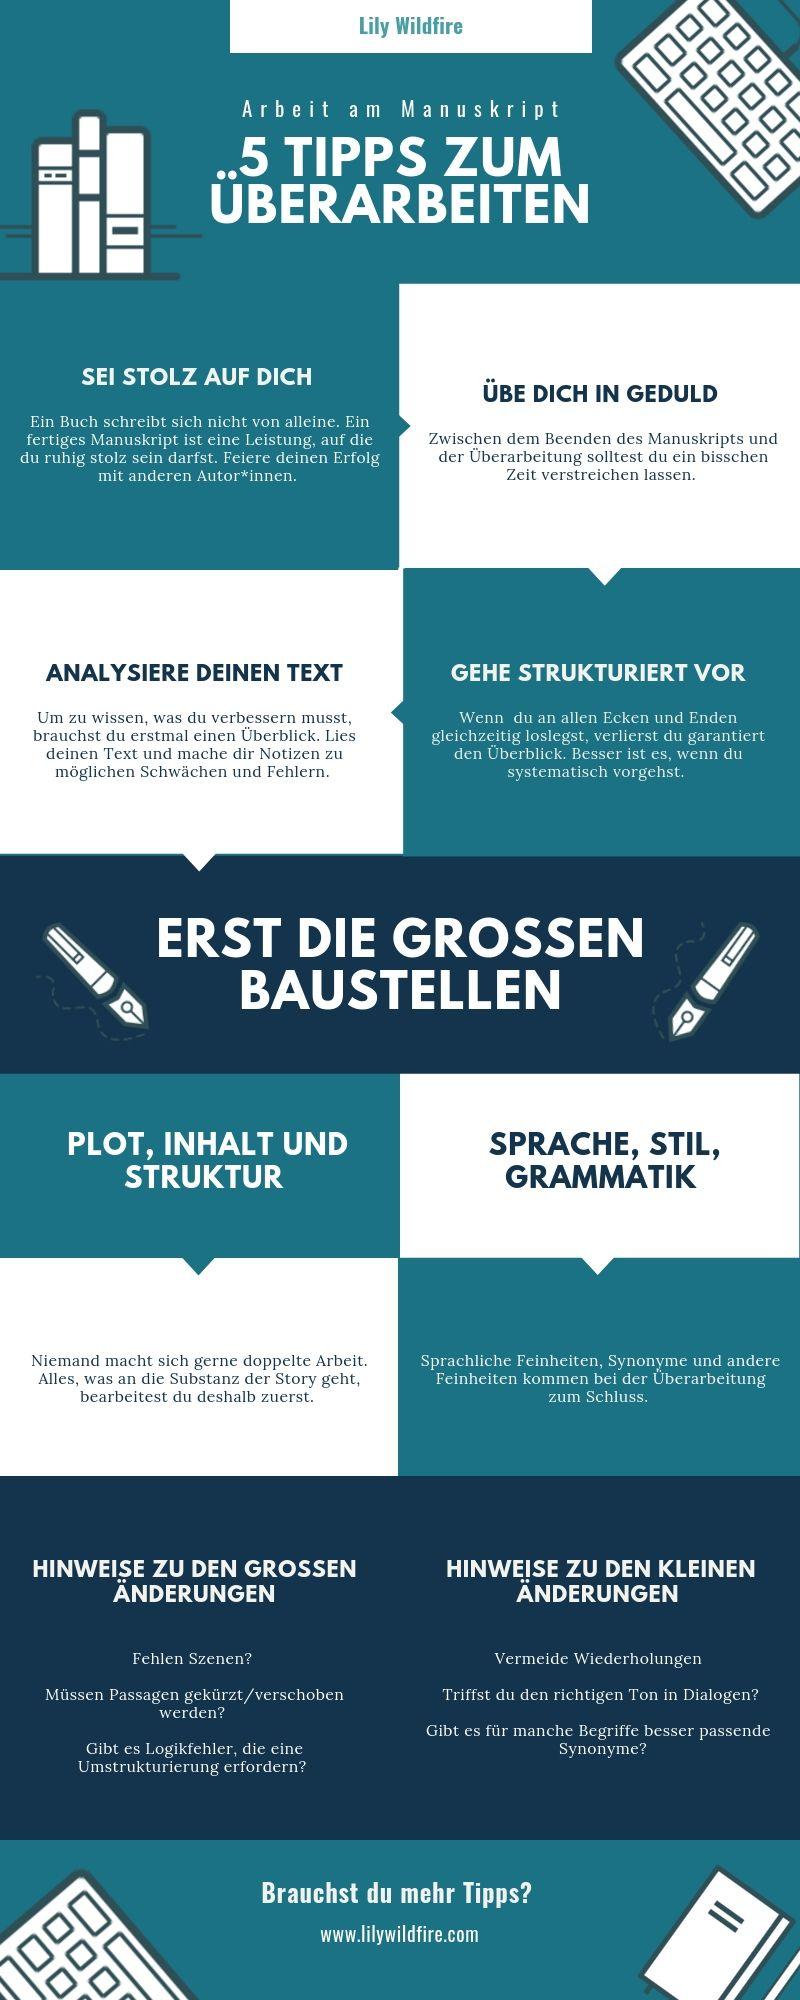 Infografik zum Thema Überarbeiten.